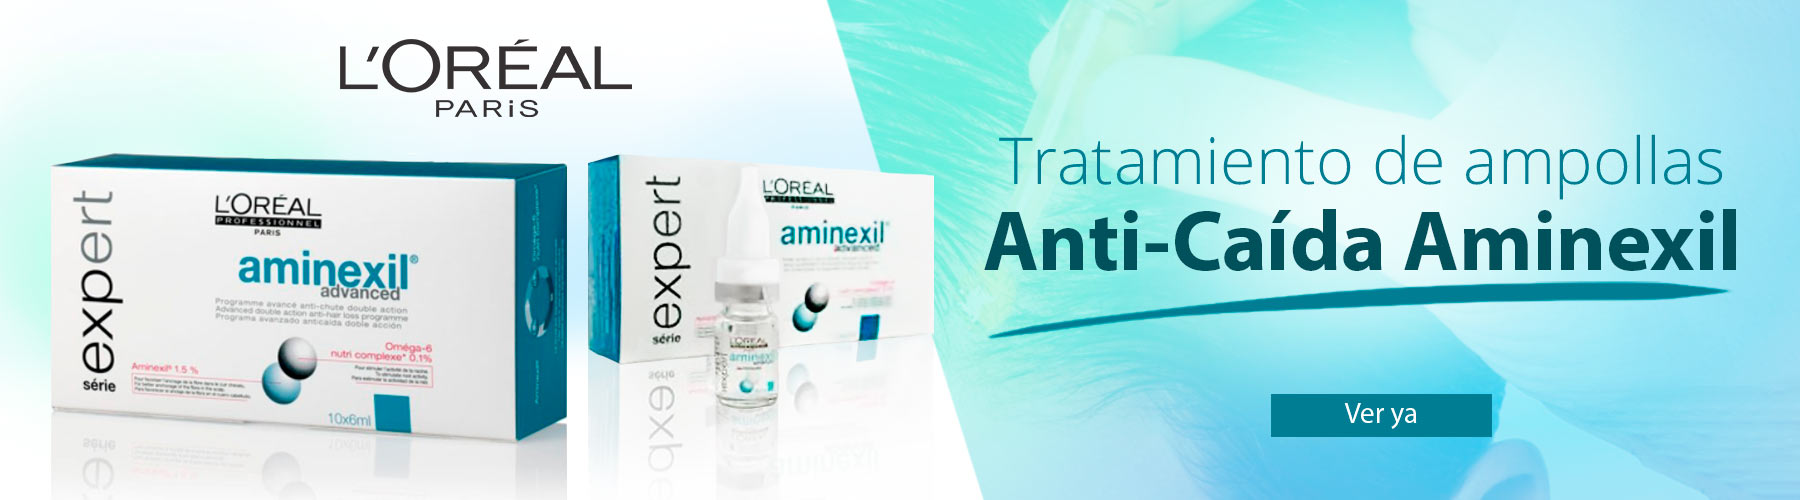 Aminexil para la caida del pelo